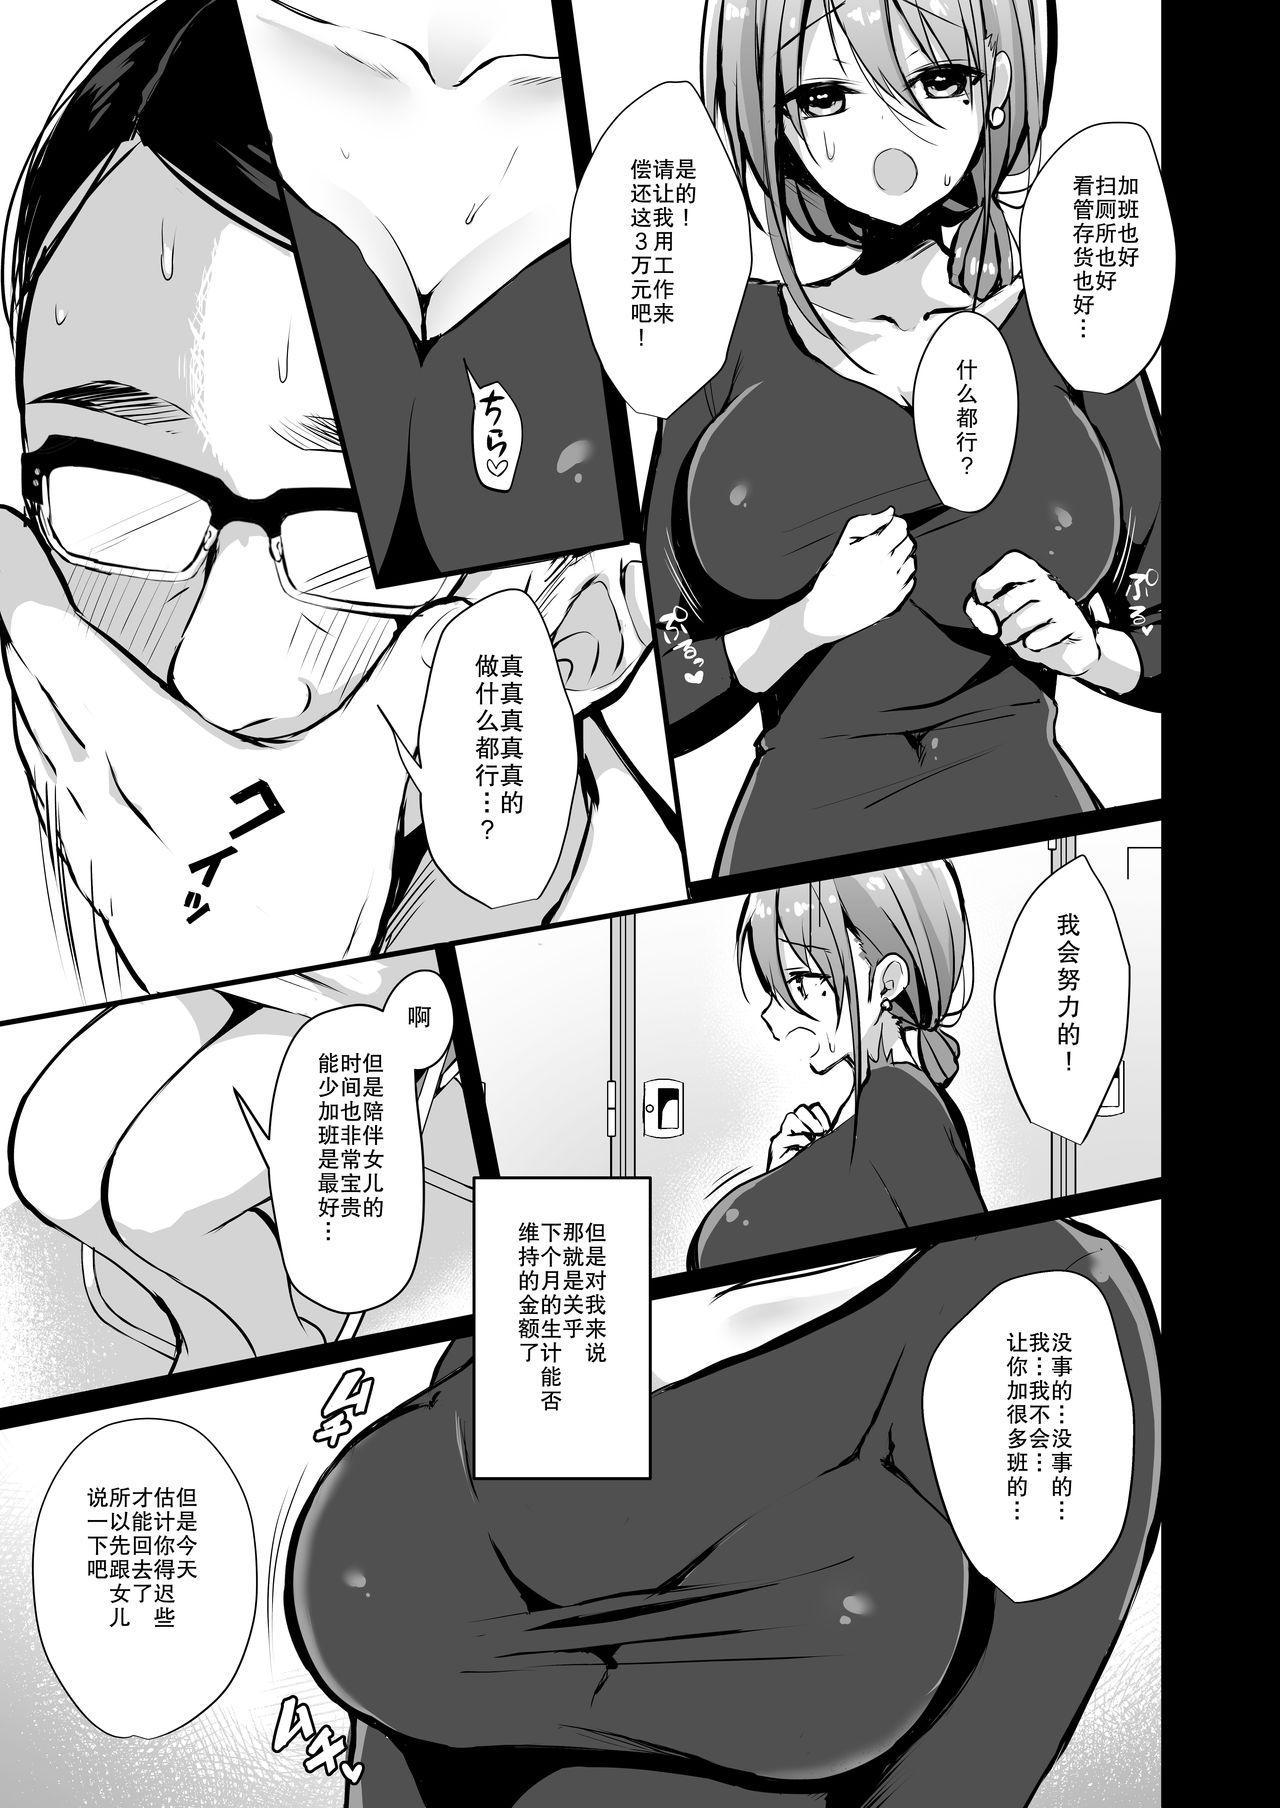 Himitsu 2 6